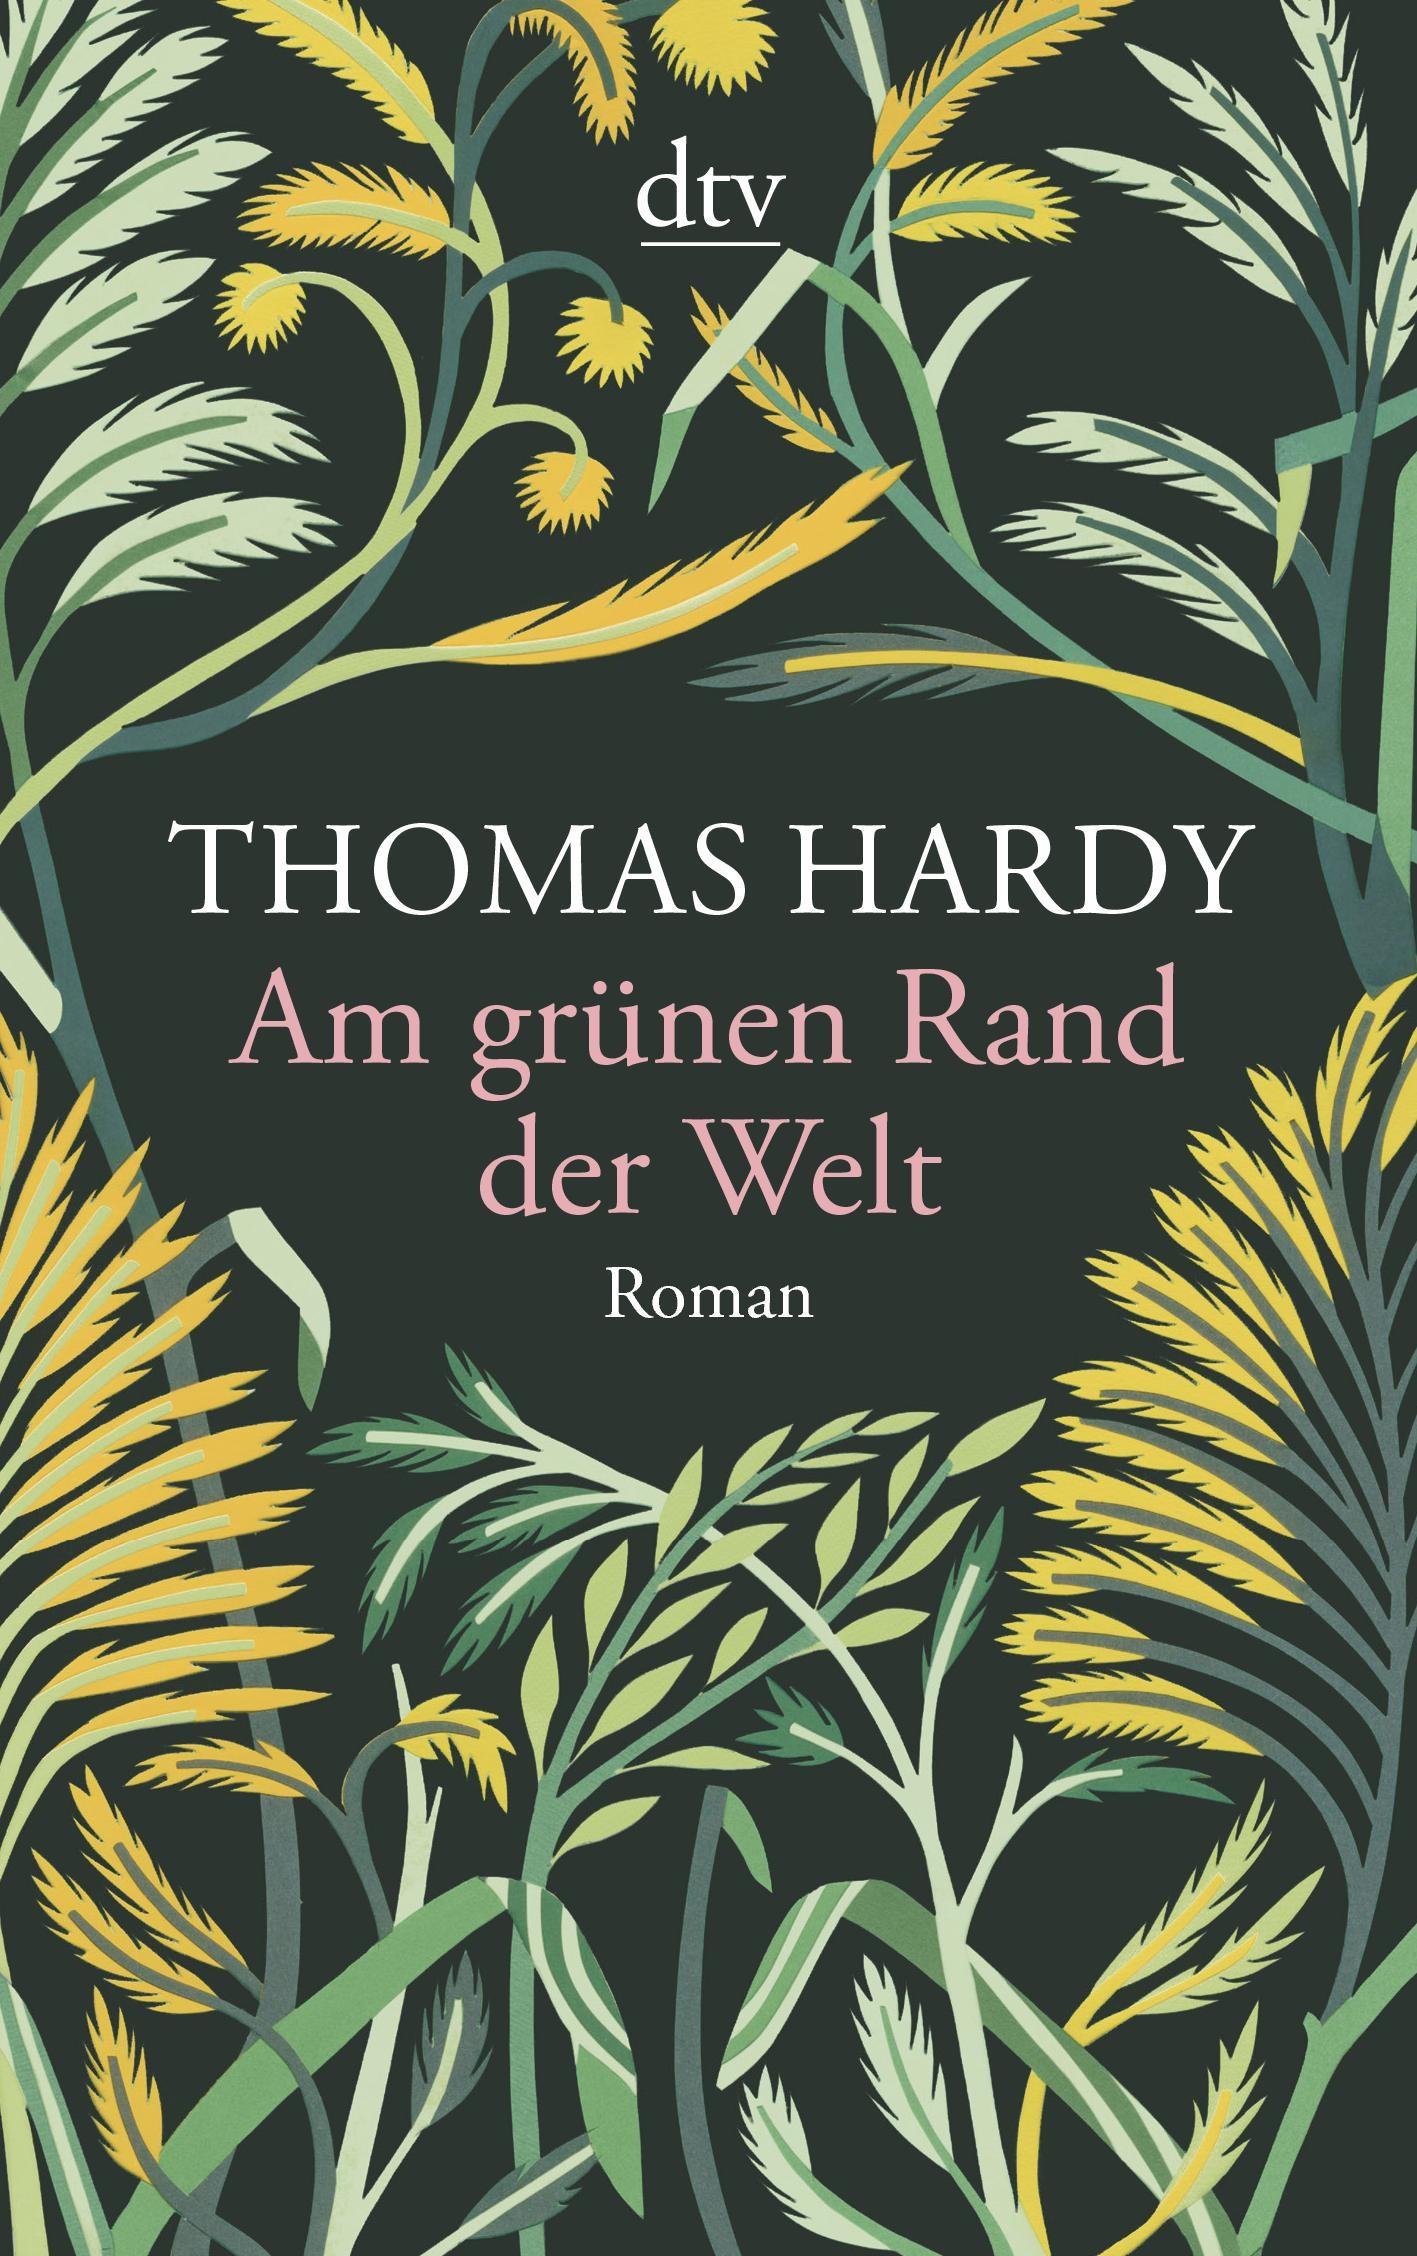 Am grünen Rand der Welt - Thomas Hardy